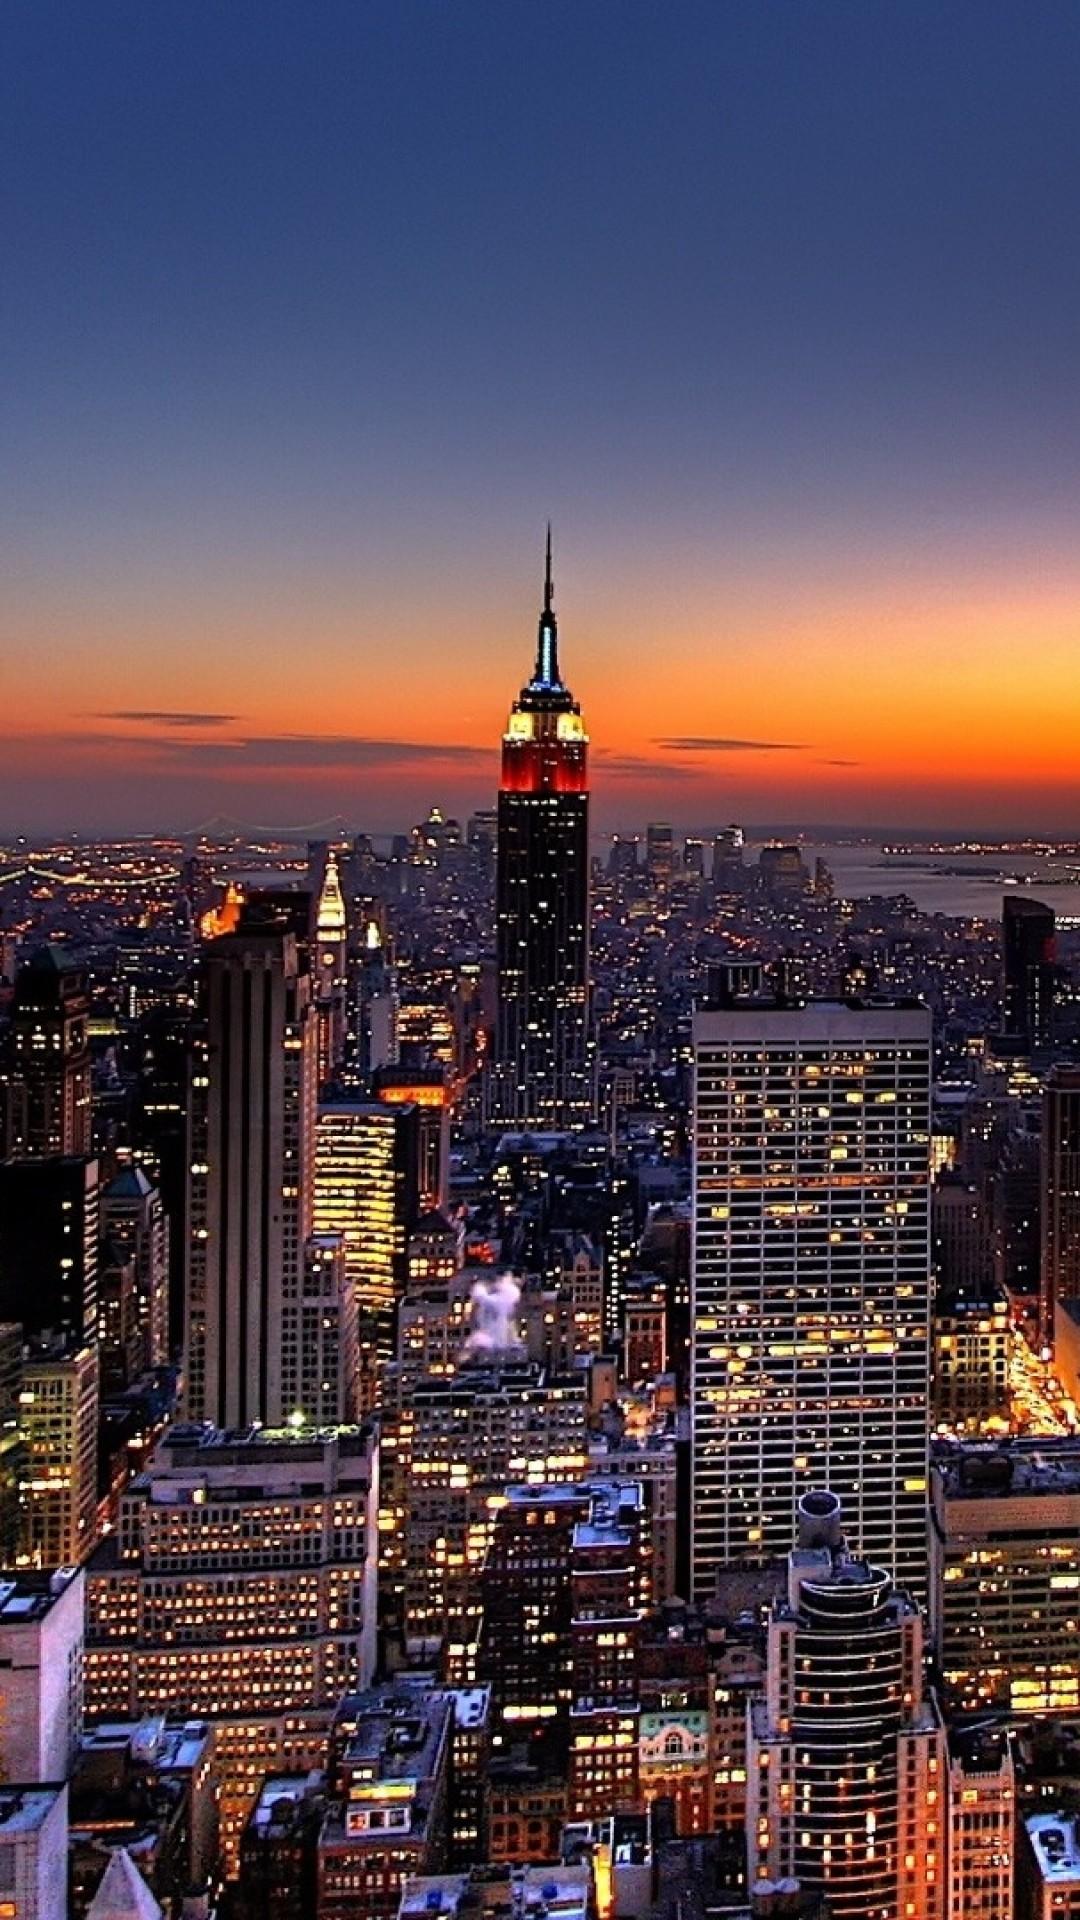 NYC At Night Wallpaper ·① WallpaperTag